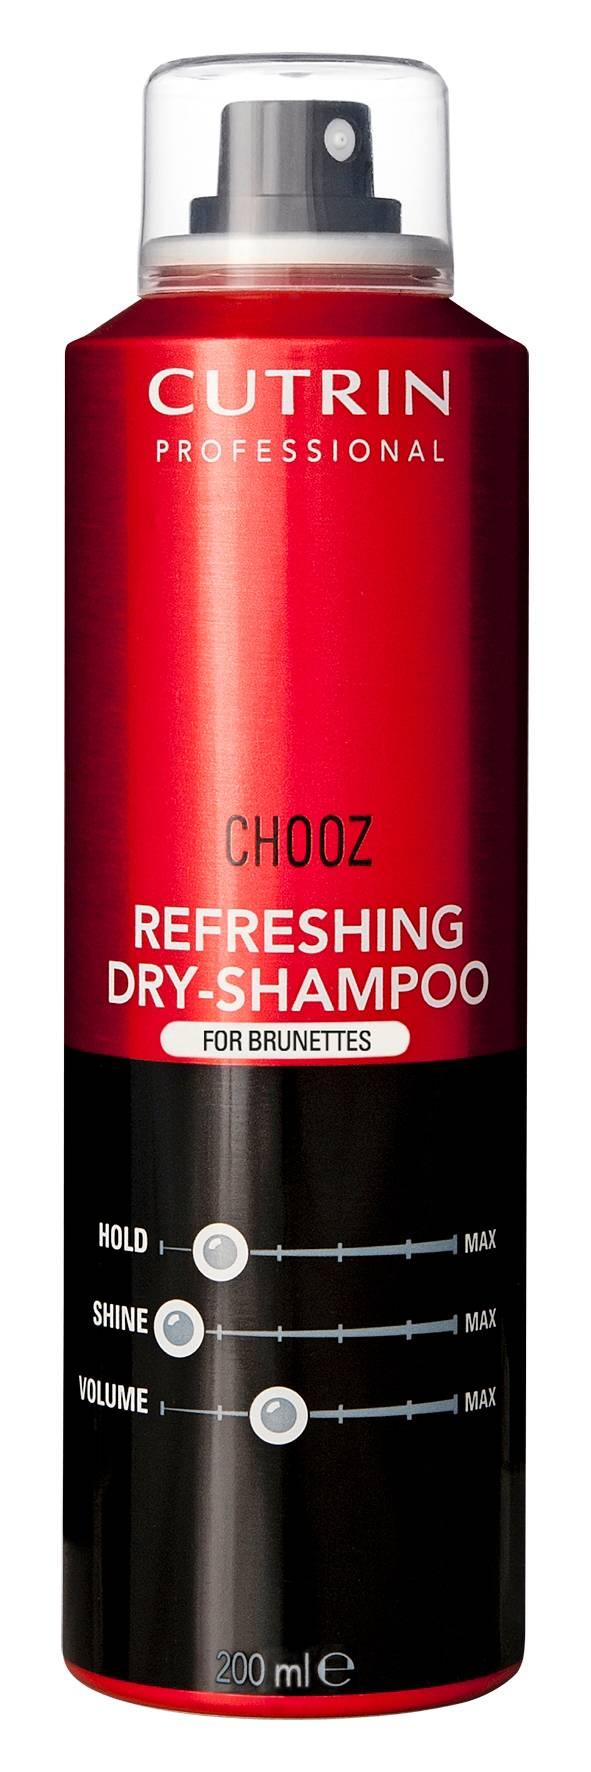 Chooz-Refreshing-Dry-Shampoo-for-Brunettes-200-ml_4288ENT_ID2